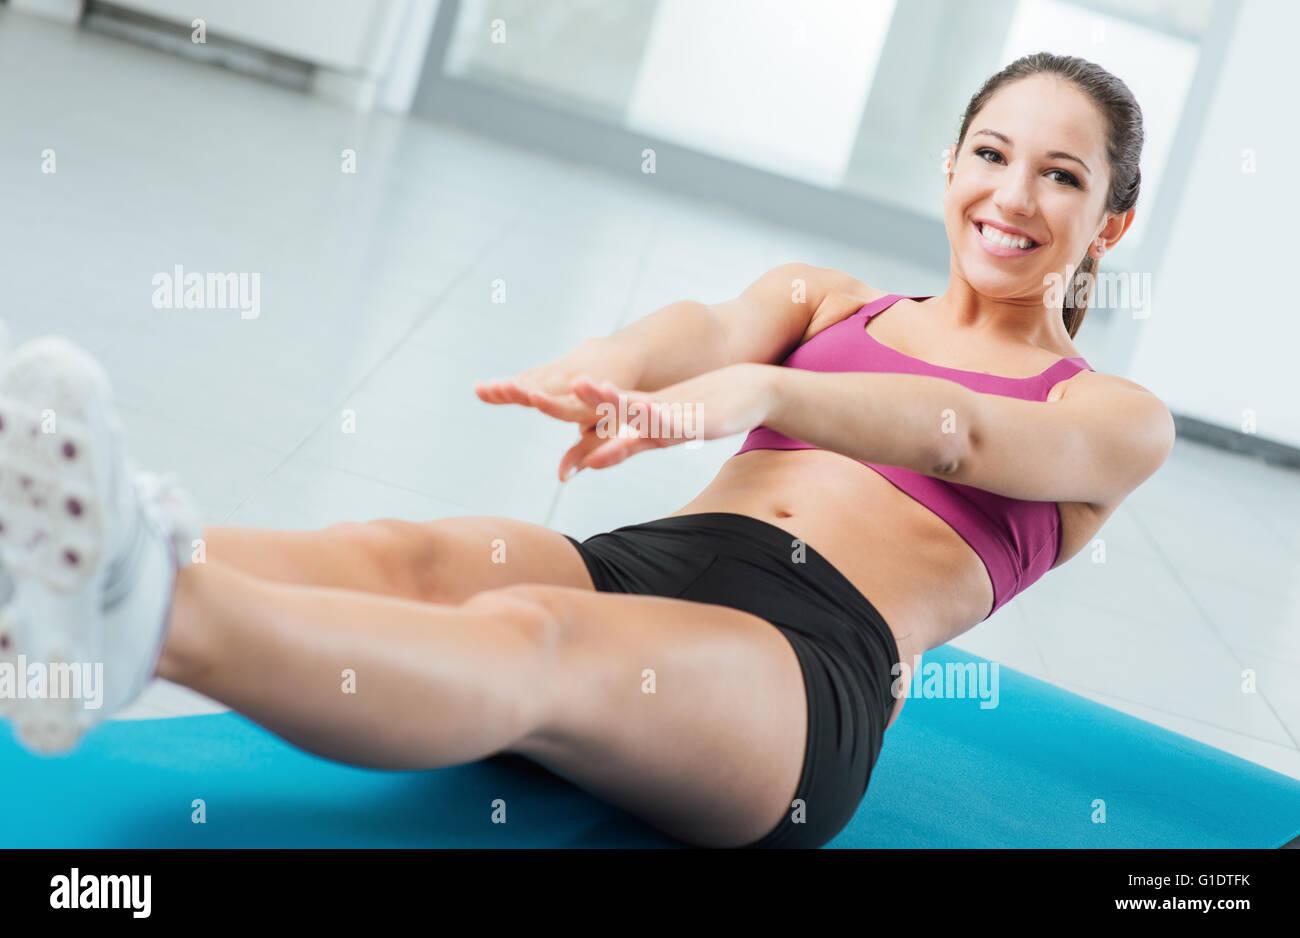 Lächelnde junge Frau Adbominal Übungen im Fitnessstudio auf einer Matte, Fitness und Workout-Konzept Stockbild